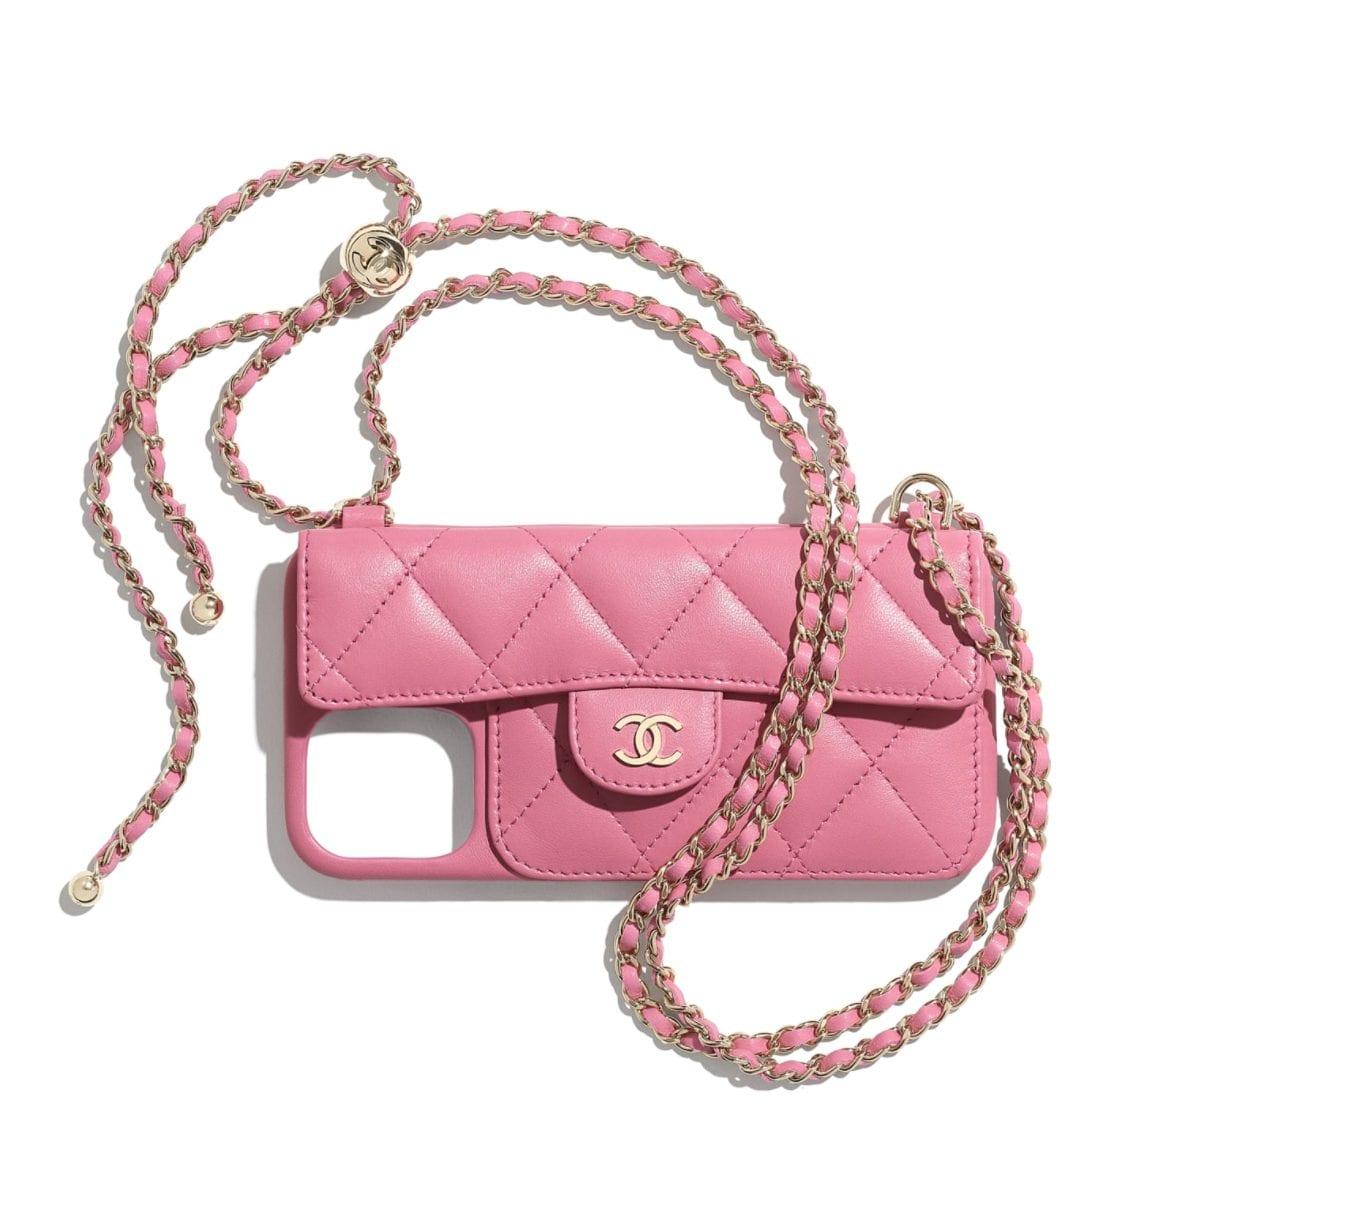 La cover per telefono Lambskin Pink Classic Case di Chanel